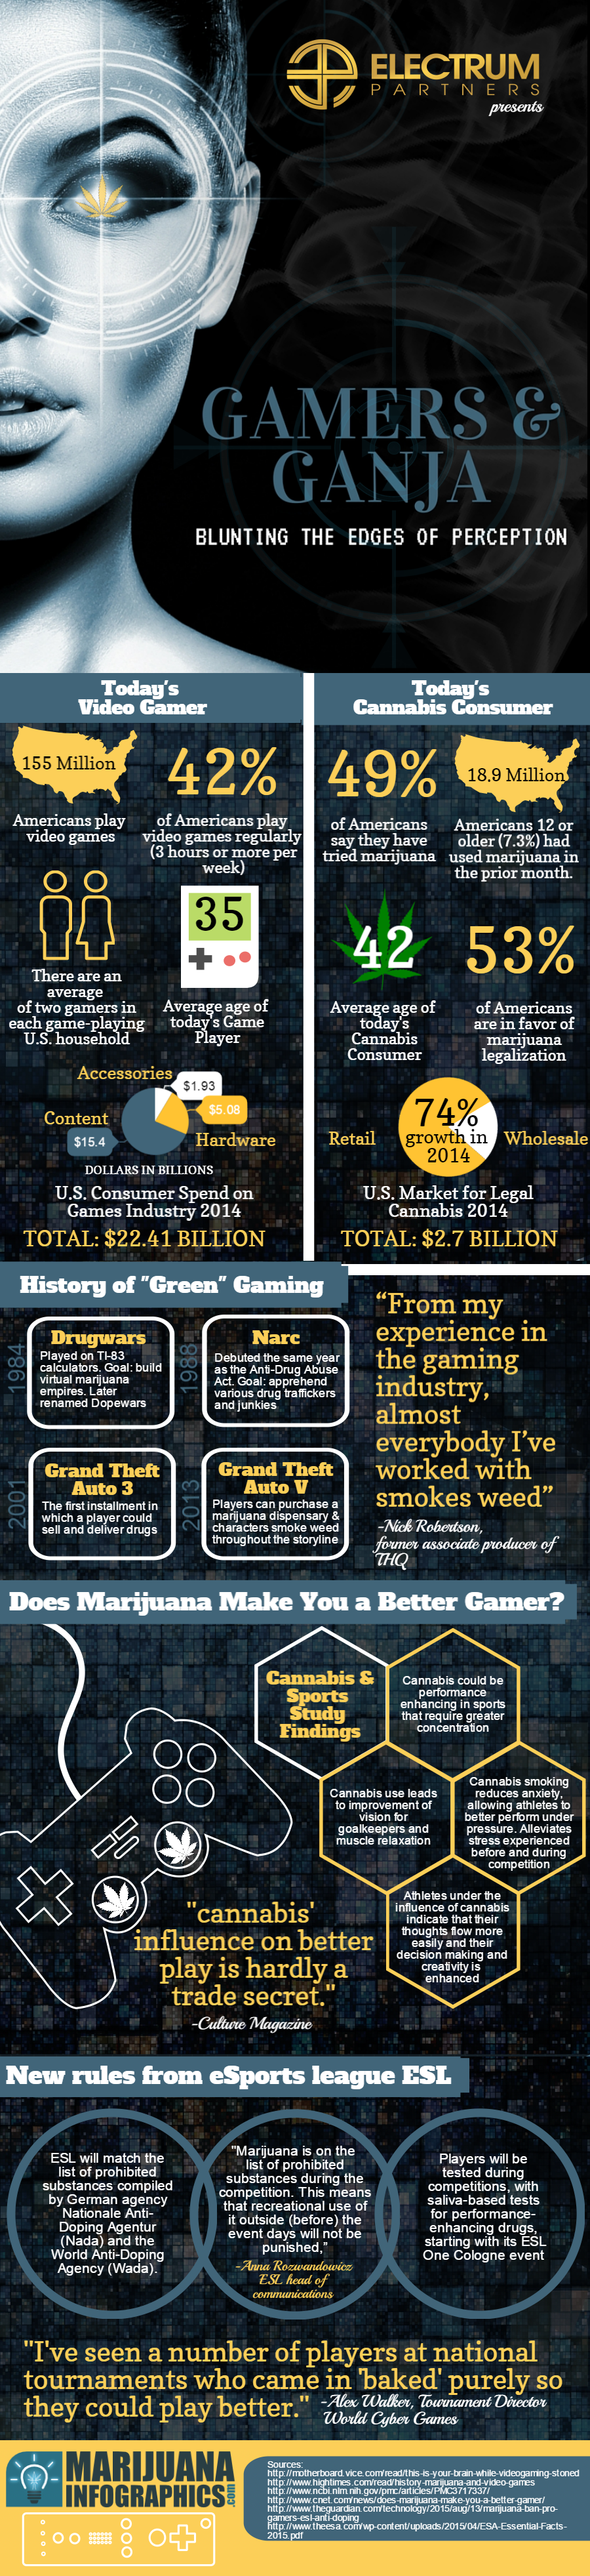 Gamers & Ganja.png